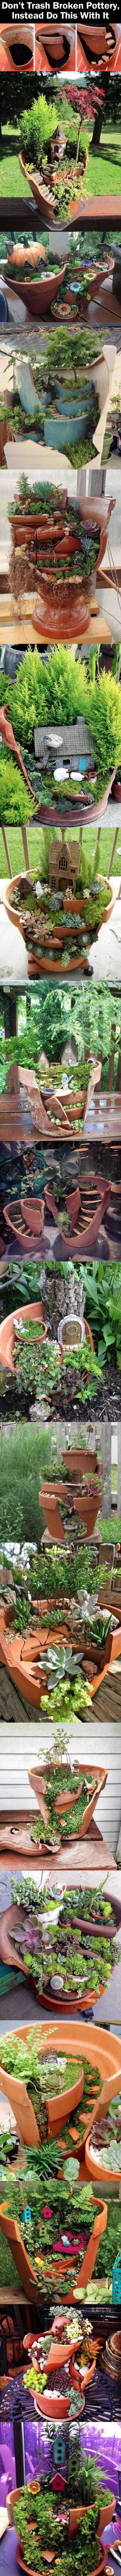 spiral-garden-4